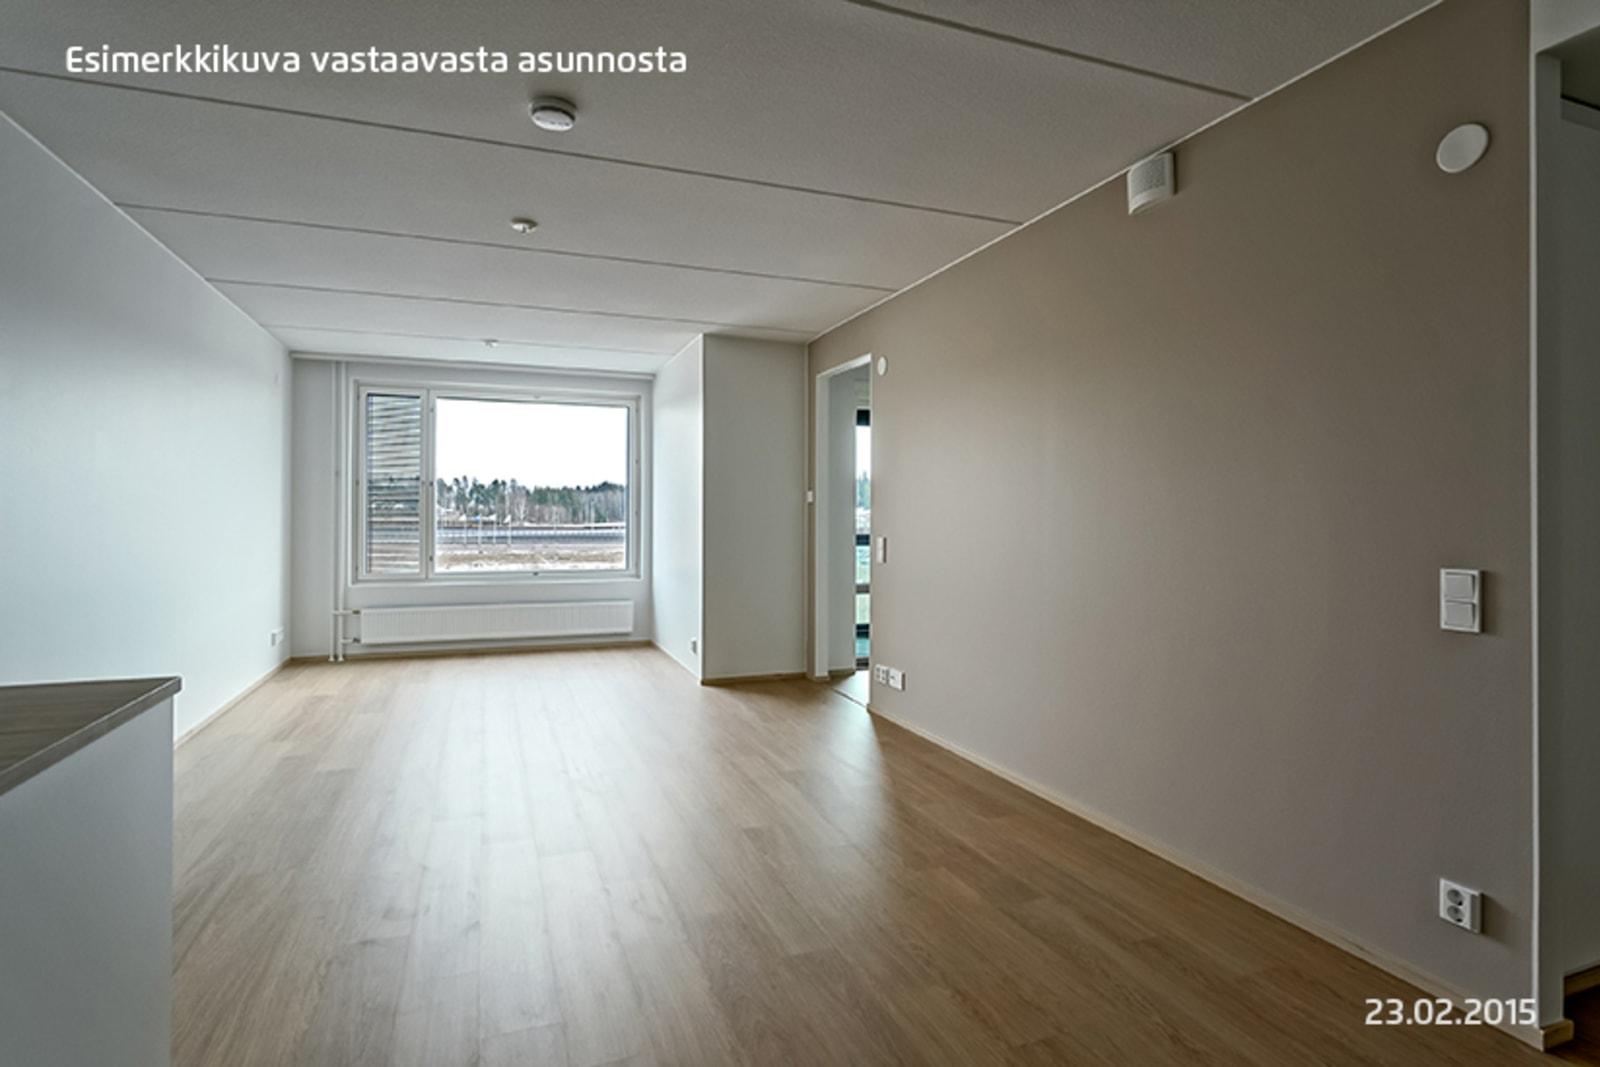 Espoo, Suurpelto, Henttaan puistokatu 8 A 006